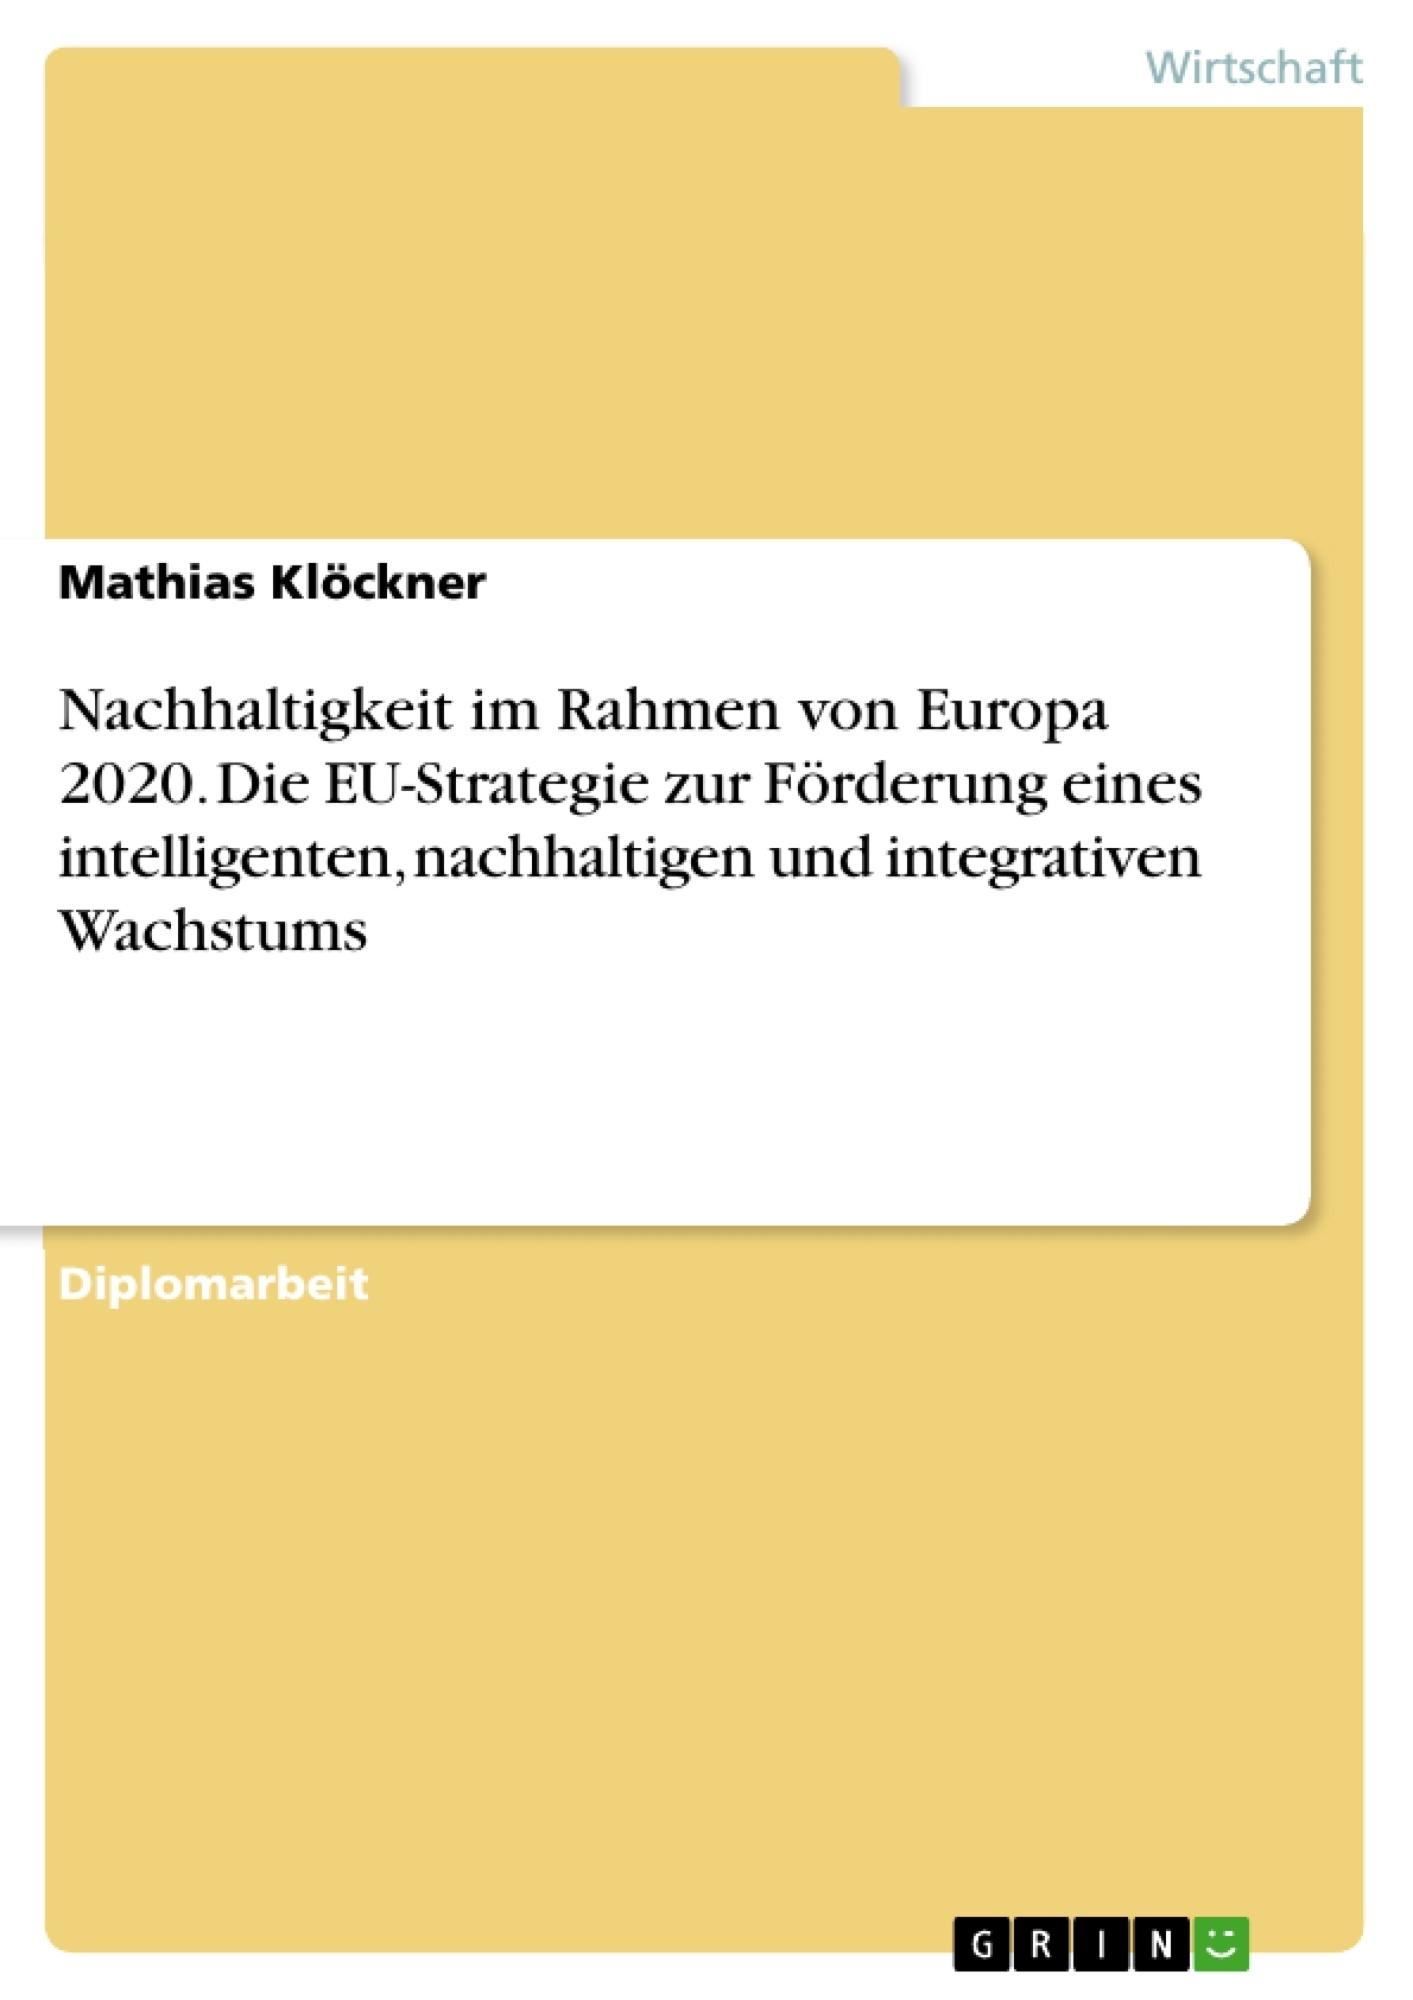 Titel: Nachhaltigkeit im Rahmen von Europa 2020. Die EU-Strategie zur Förderung eines intelligenten, nachhaltigen und integrativen Wachstums